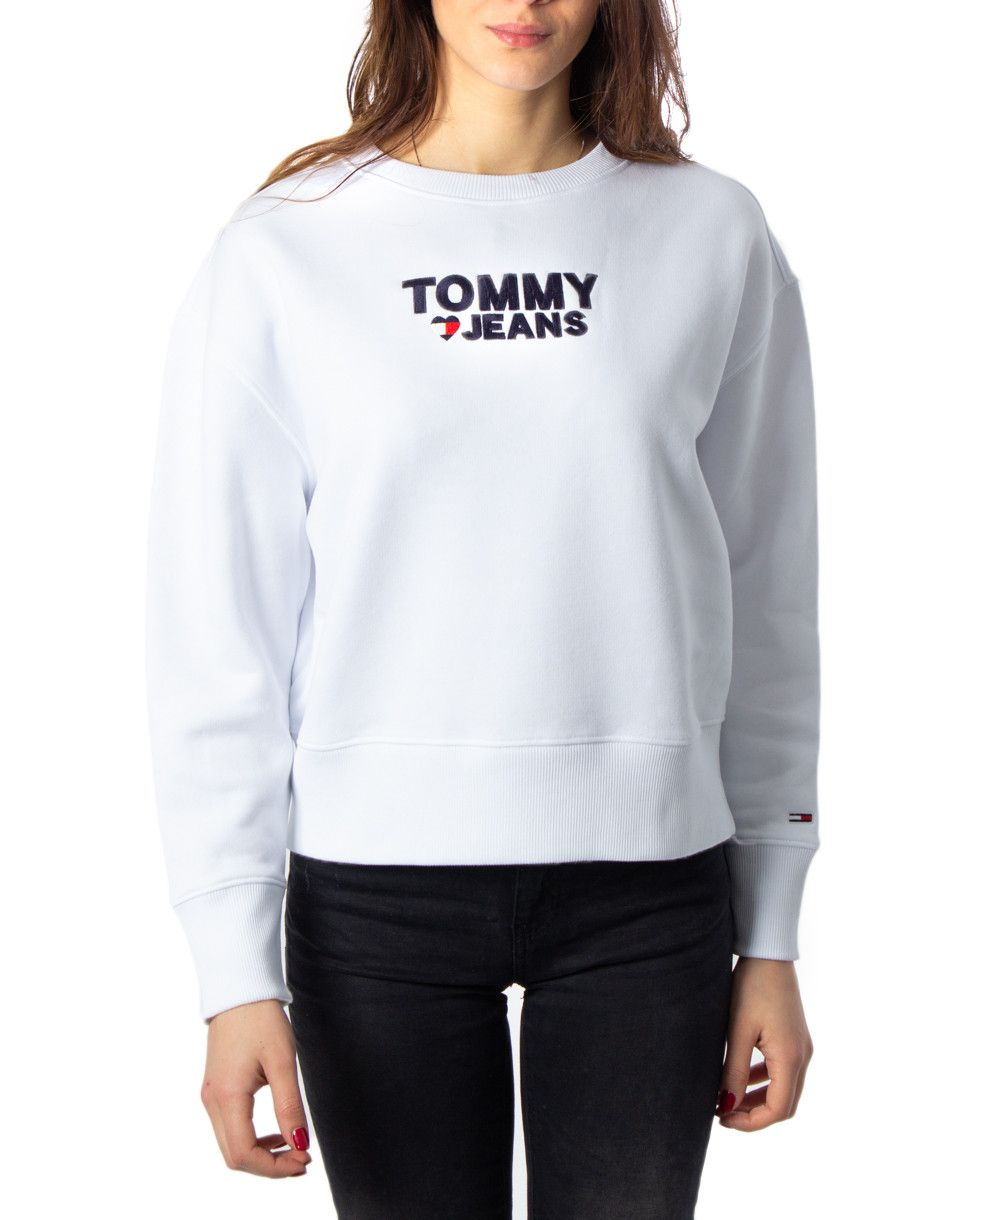 Tommy Hilfiger Women Sweatshirts White Sweatshirt Women Sweatshirts Women Tommy Hilfiger Women [ 1220 x 1000 Pixel ]